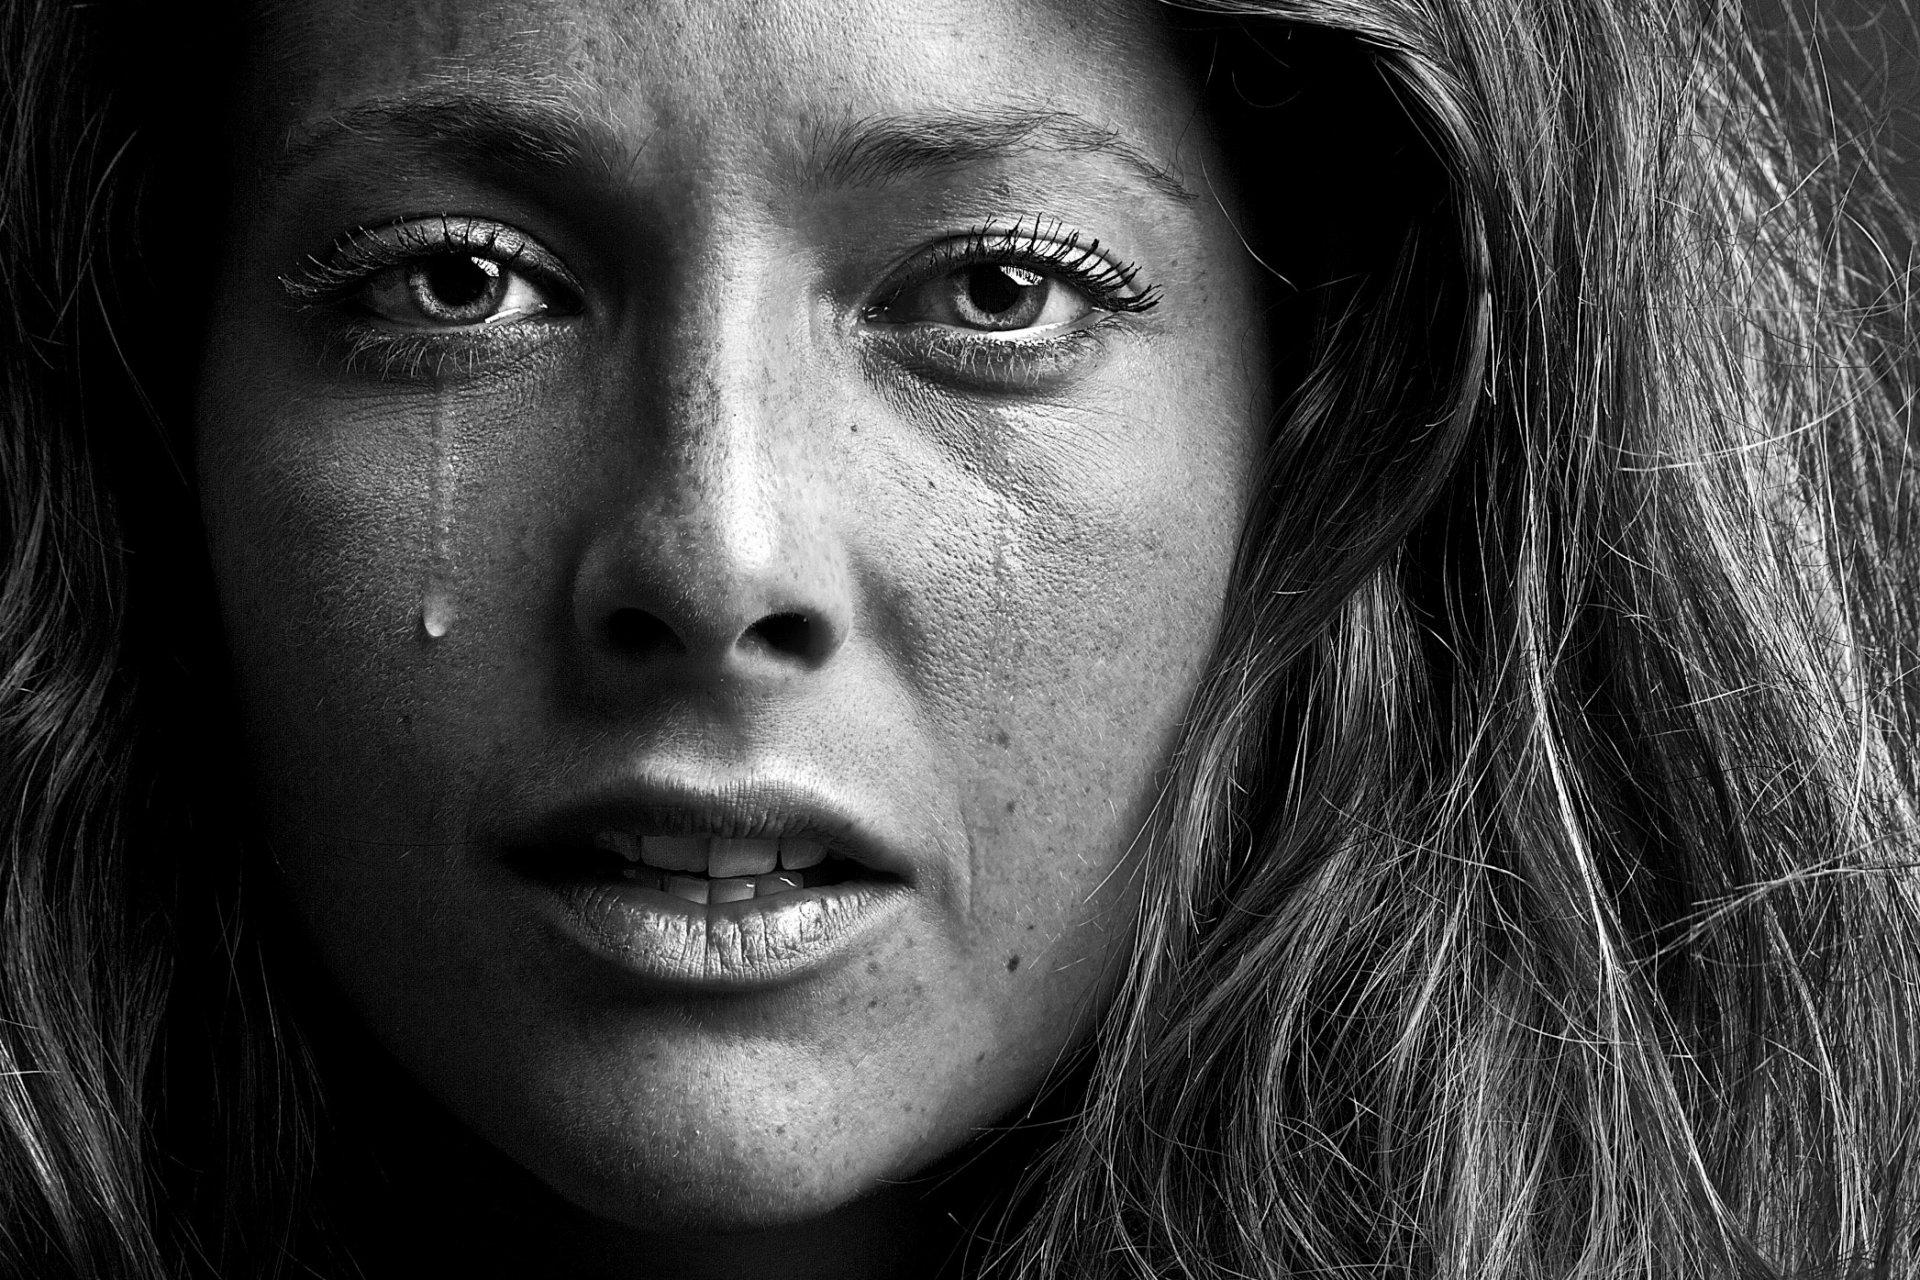 что изображение картинка про слез можете